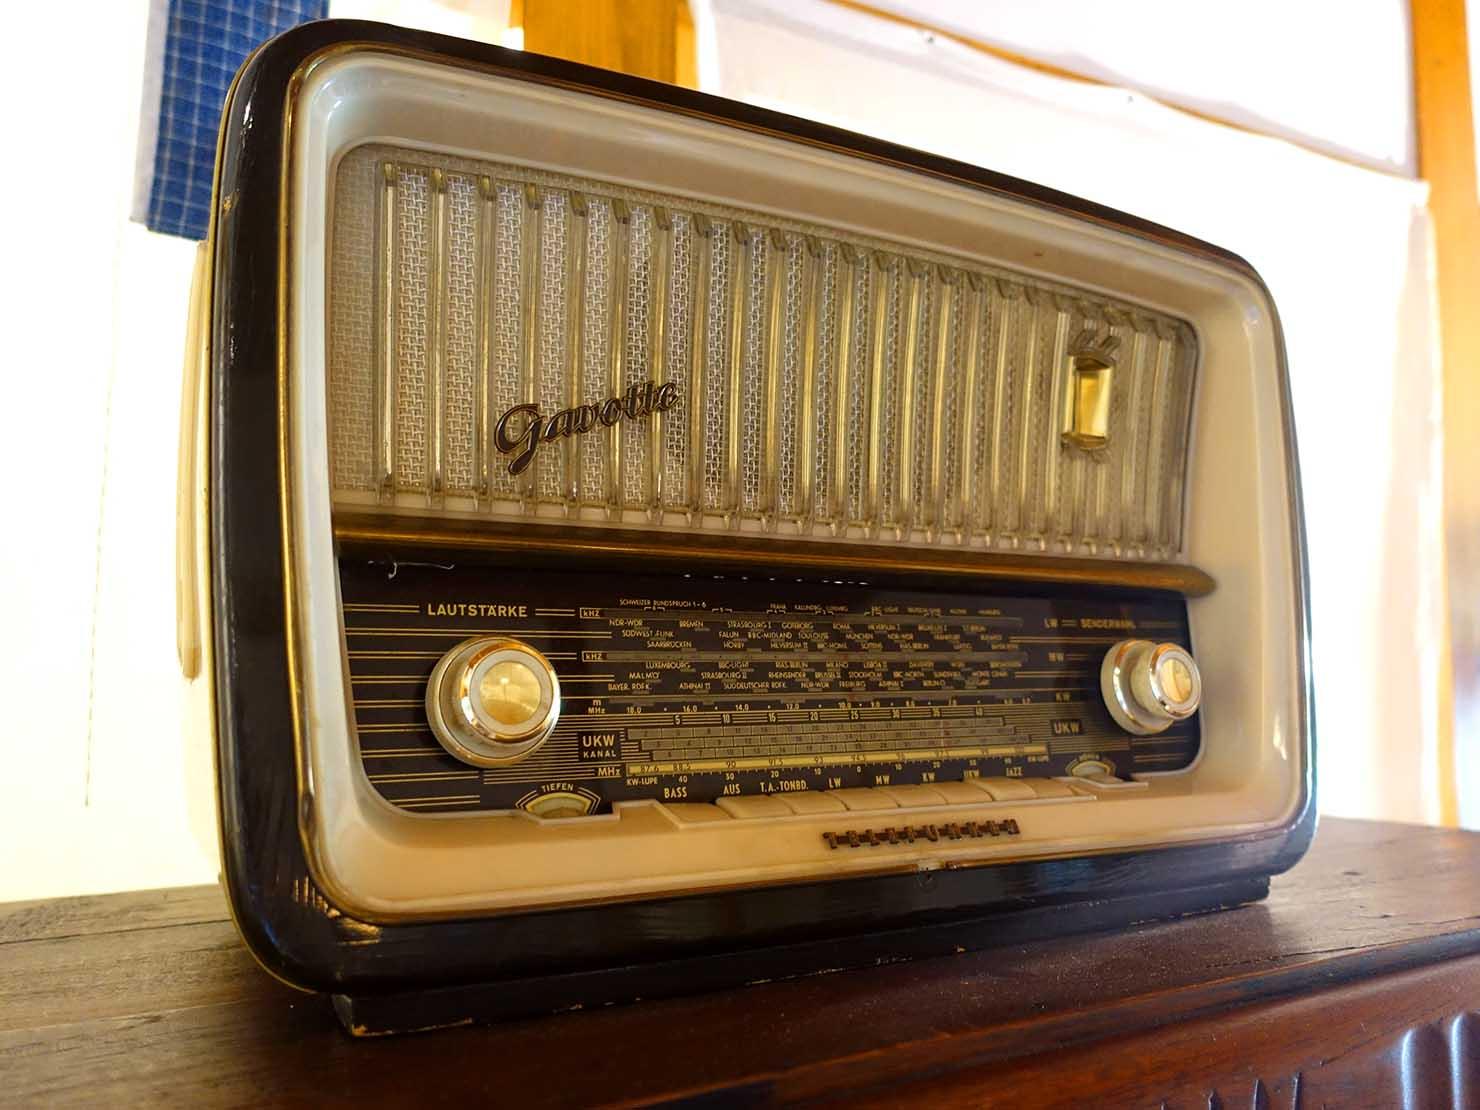 台北の街に佇む日本式古民家の図書館「文房 Chapter」に置かれた古いラジオ